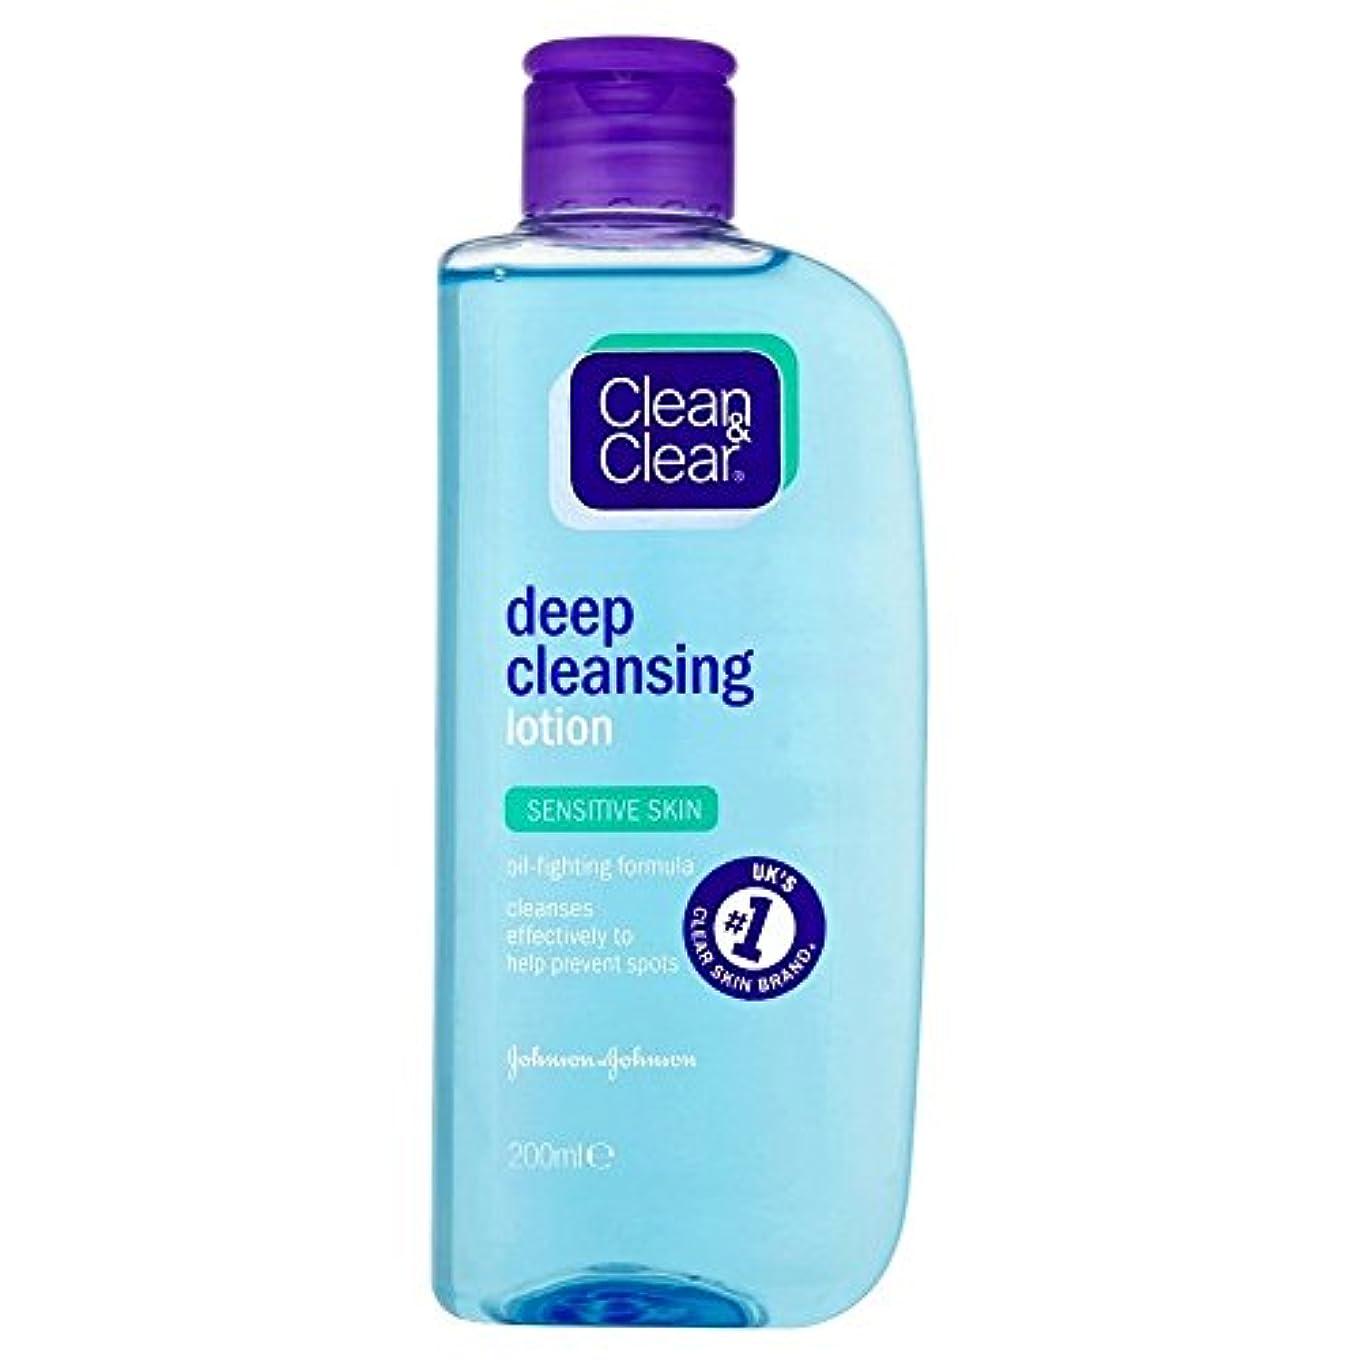 メダリストお金ゴム吸うClean & Clear Deep Cleansing Lotion - Sensitive (200ml) クリーンで明確なディープクレンジングローション - 感受性( 200ミリリットル) [並行輸入品]